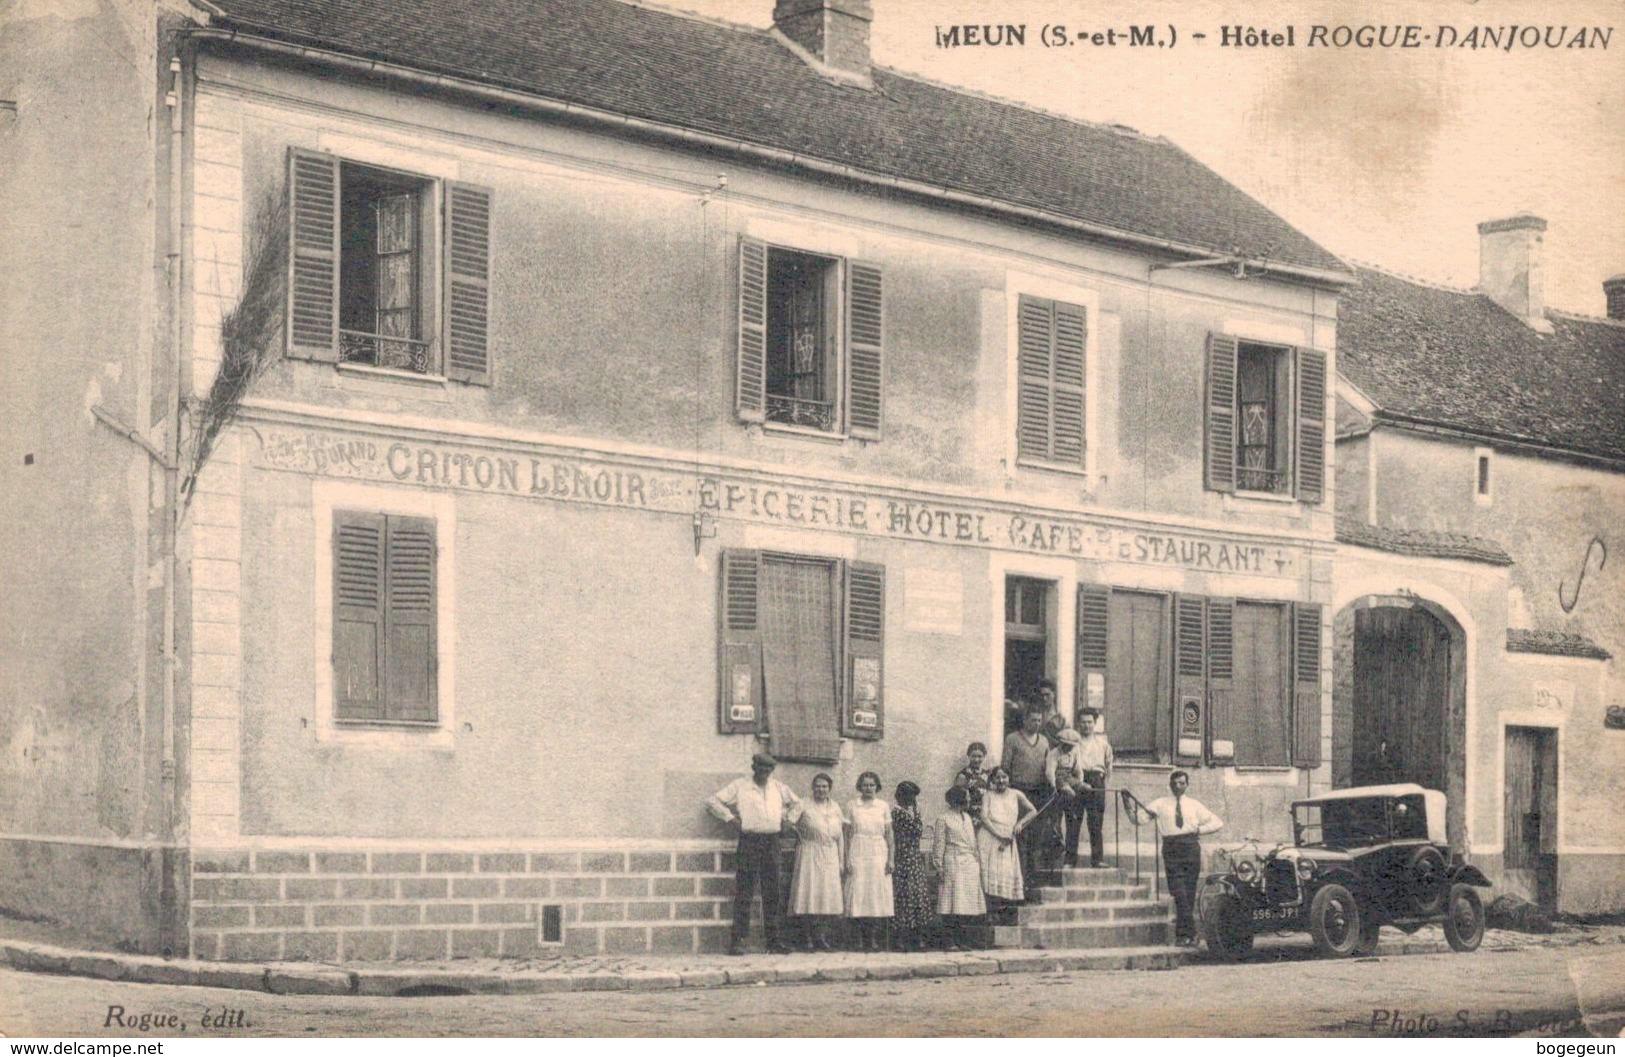 77 MEUN Hôtel Rogue Danjouan - France